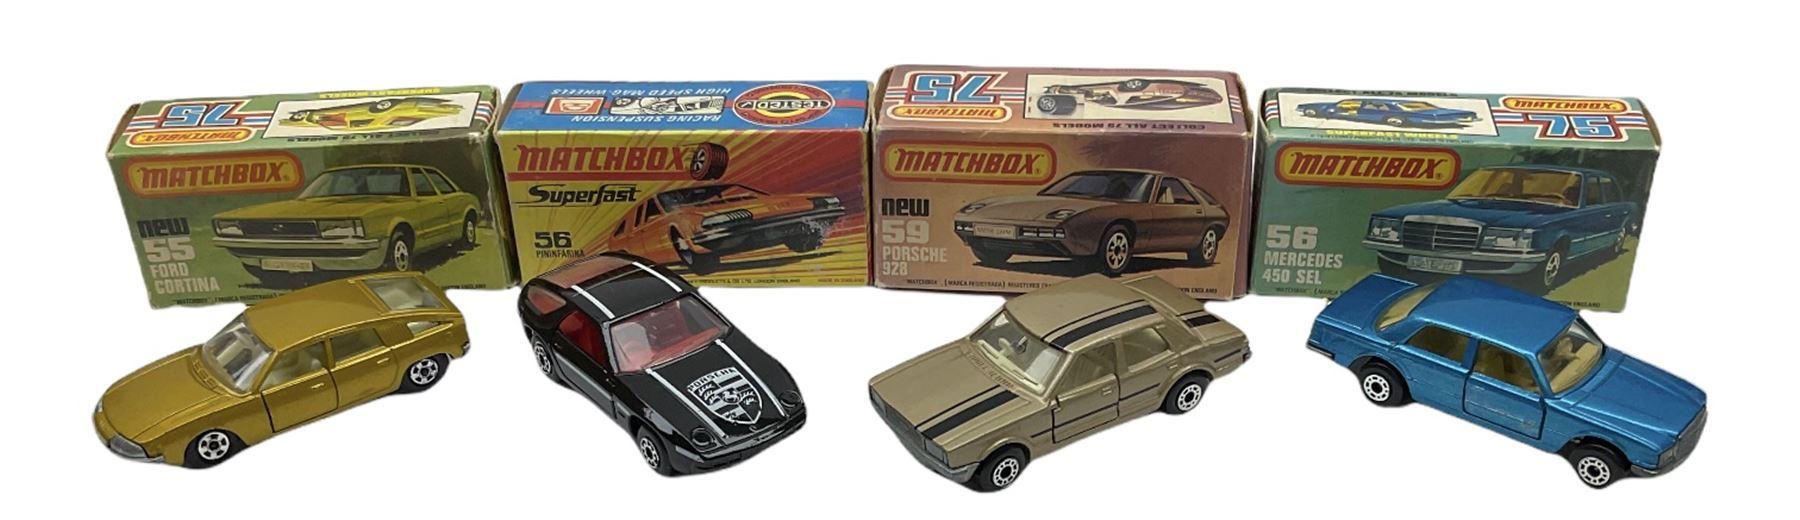 Matchbox/Superfast - eleven '1-75' series models comprising 53f Flareside Pick-Up - Image 4 of 7